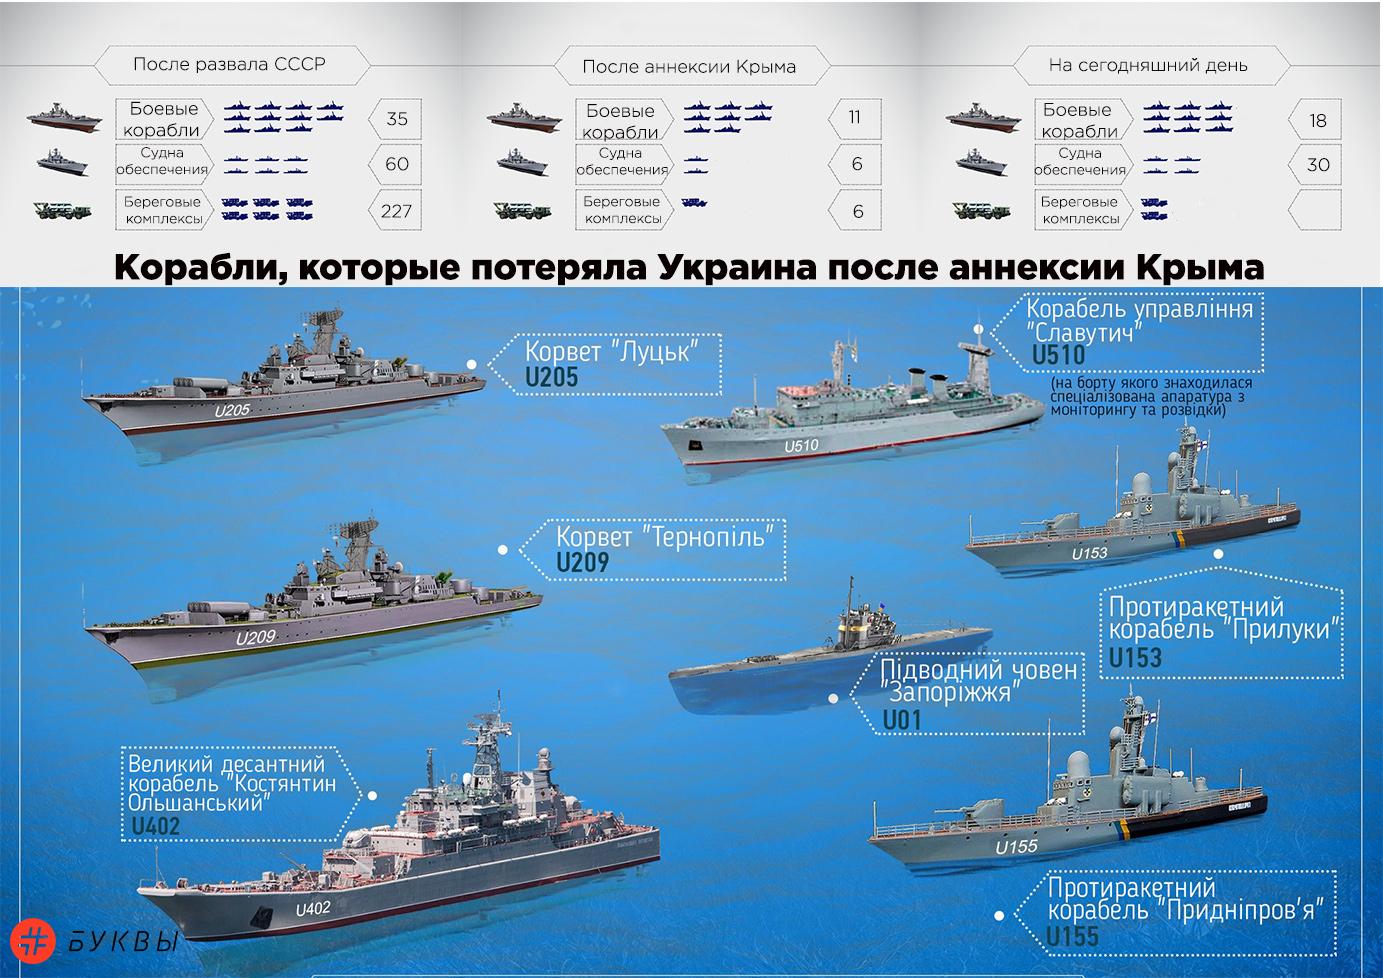 когда пришёл флоты россии сколько потрясла ужасная